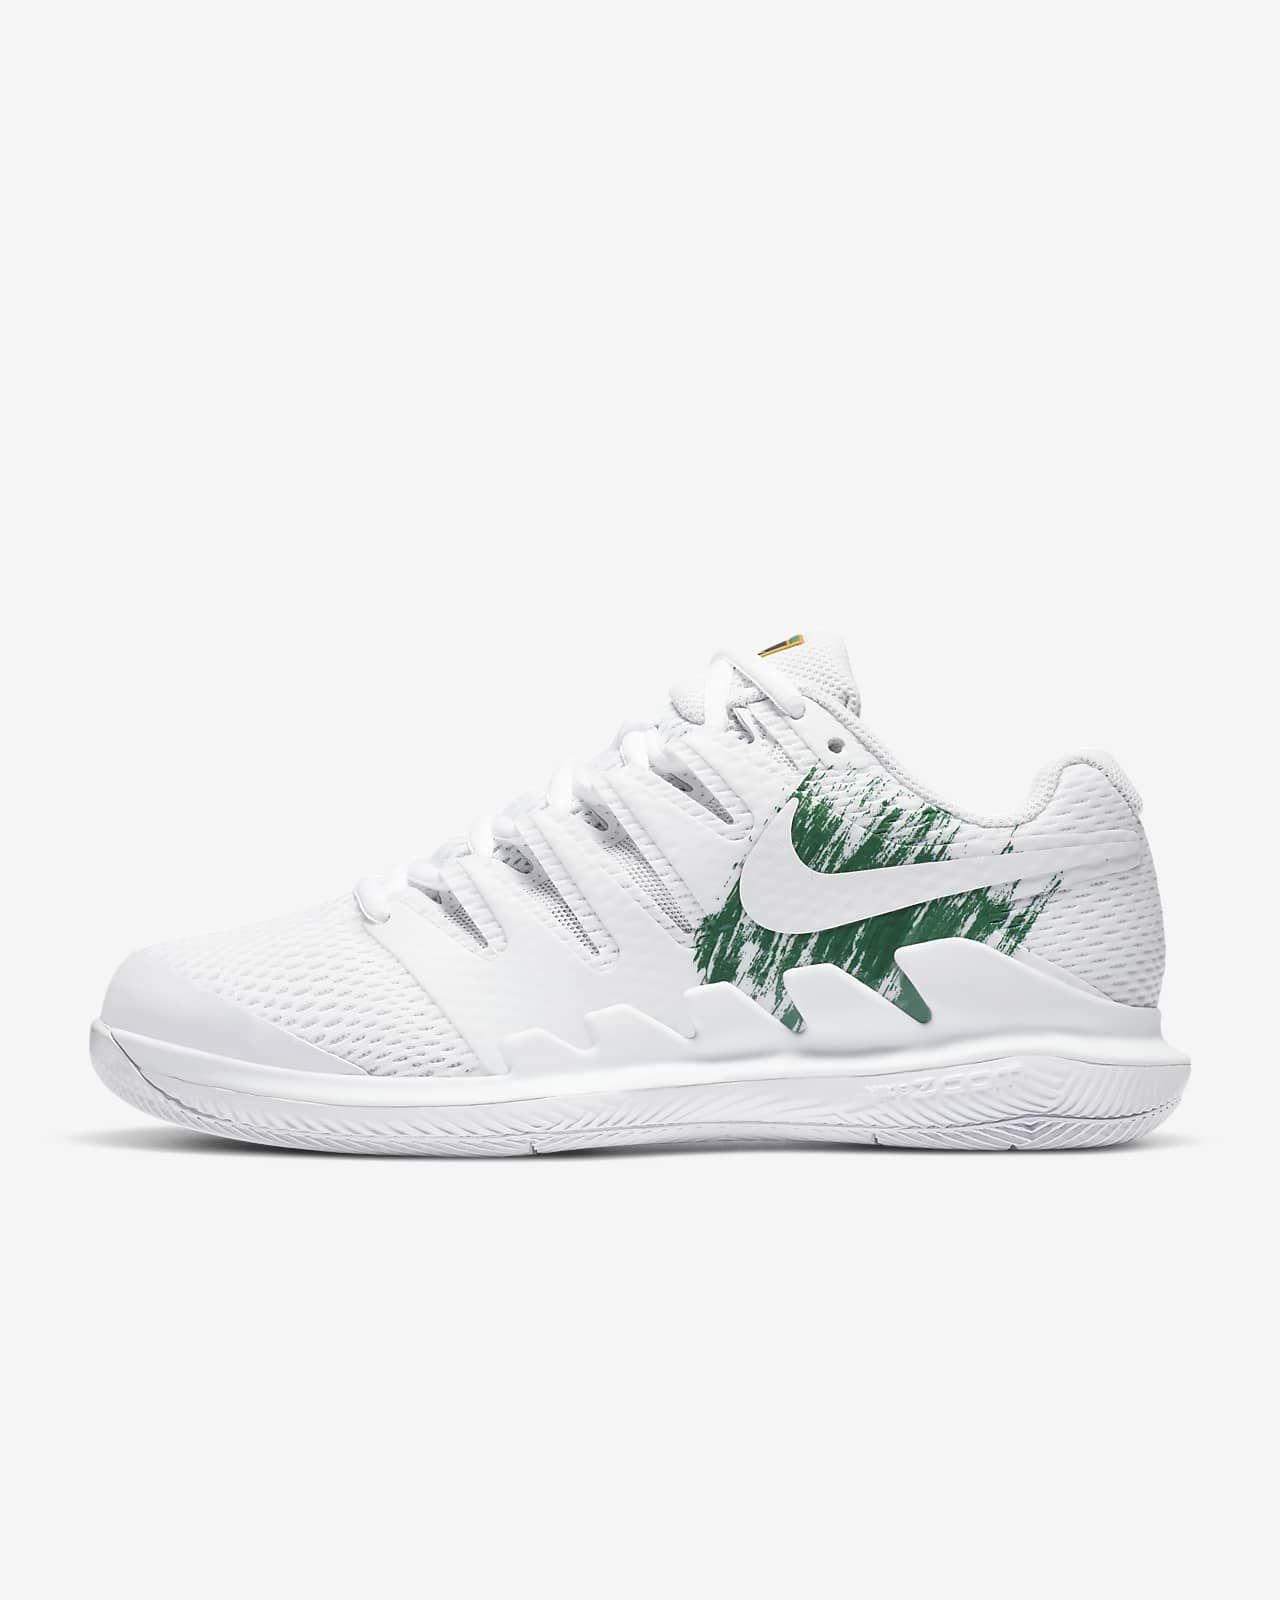 Nikecourt Air Zoom Vapor X Zapatillas De Tenis De Pista Rápida Mujer Nike Es Zapatillas Nike Tenis